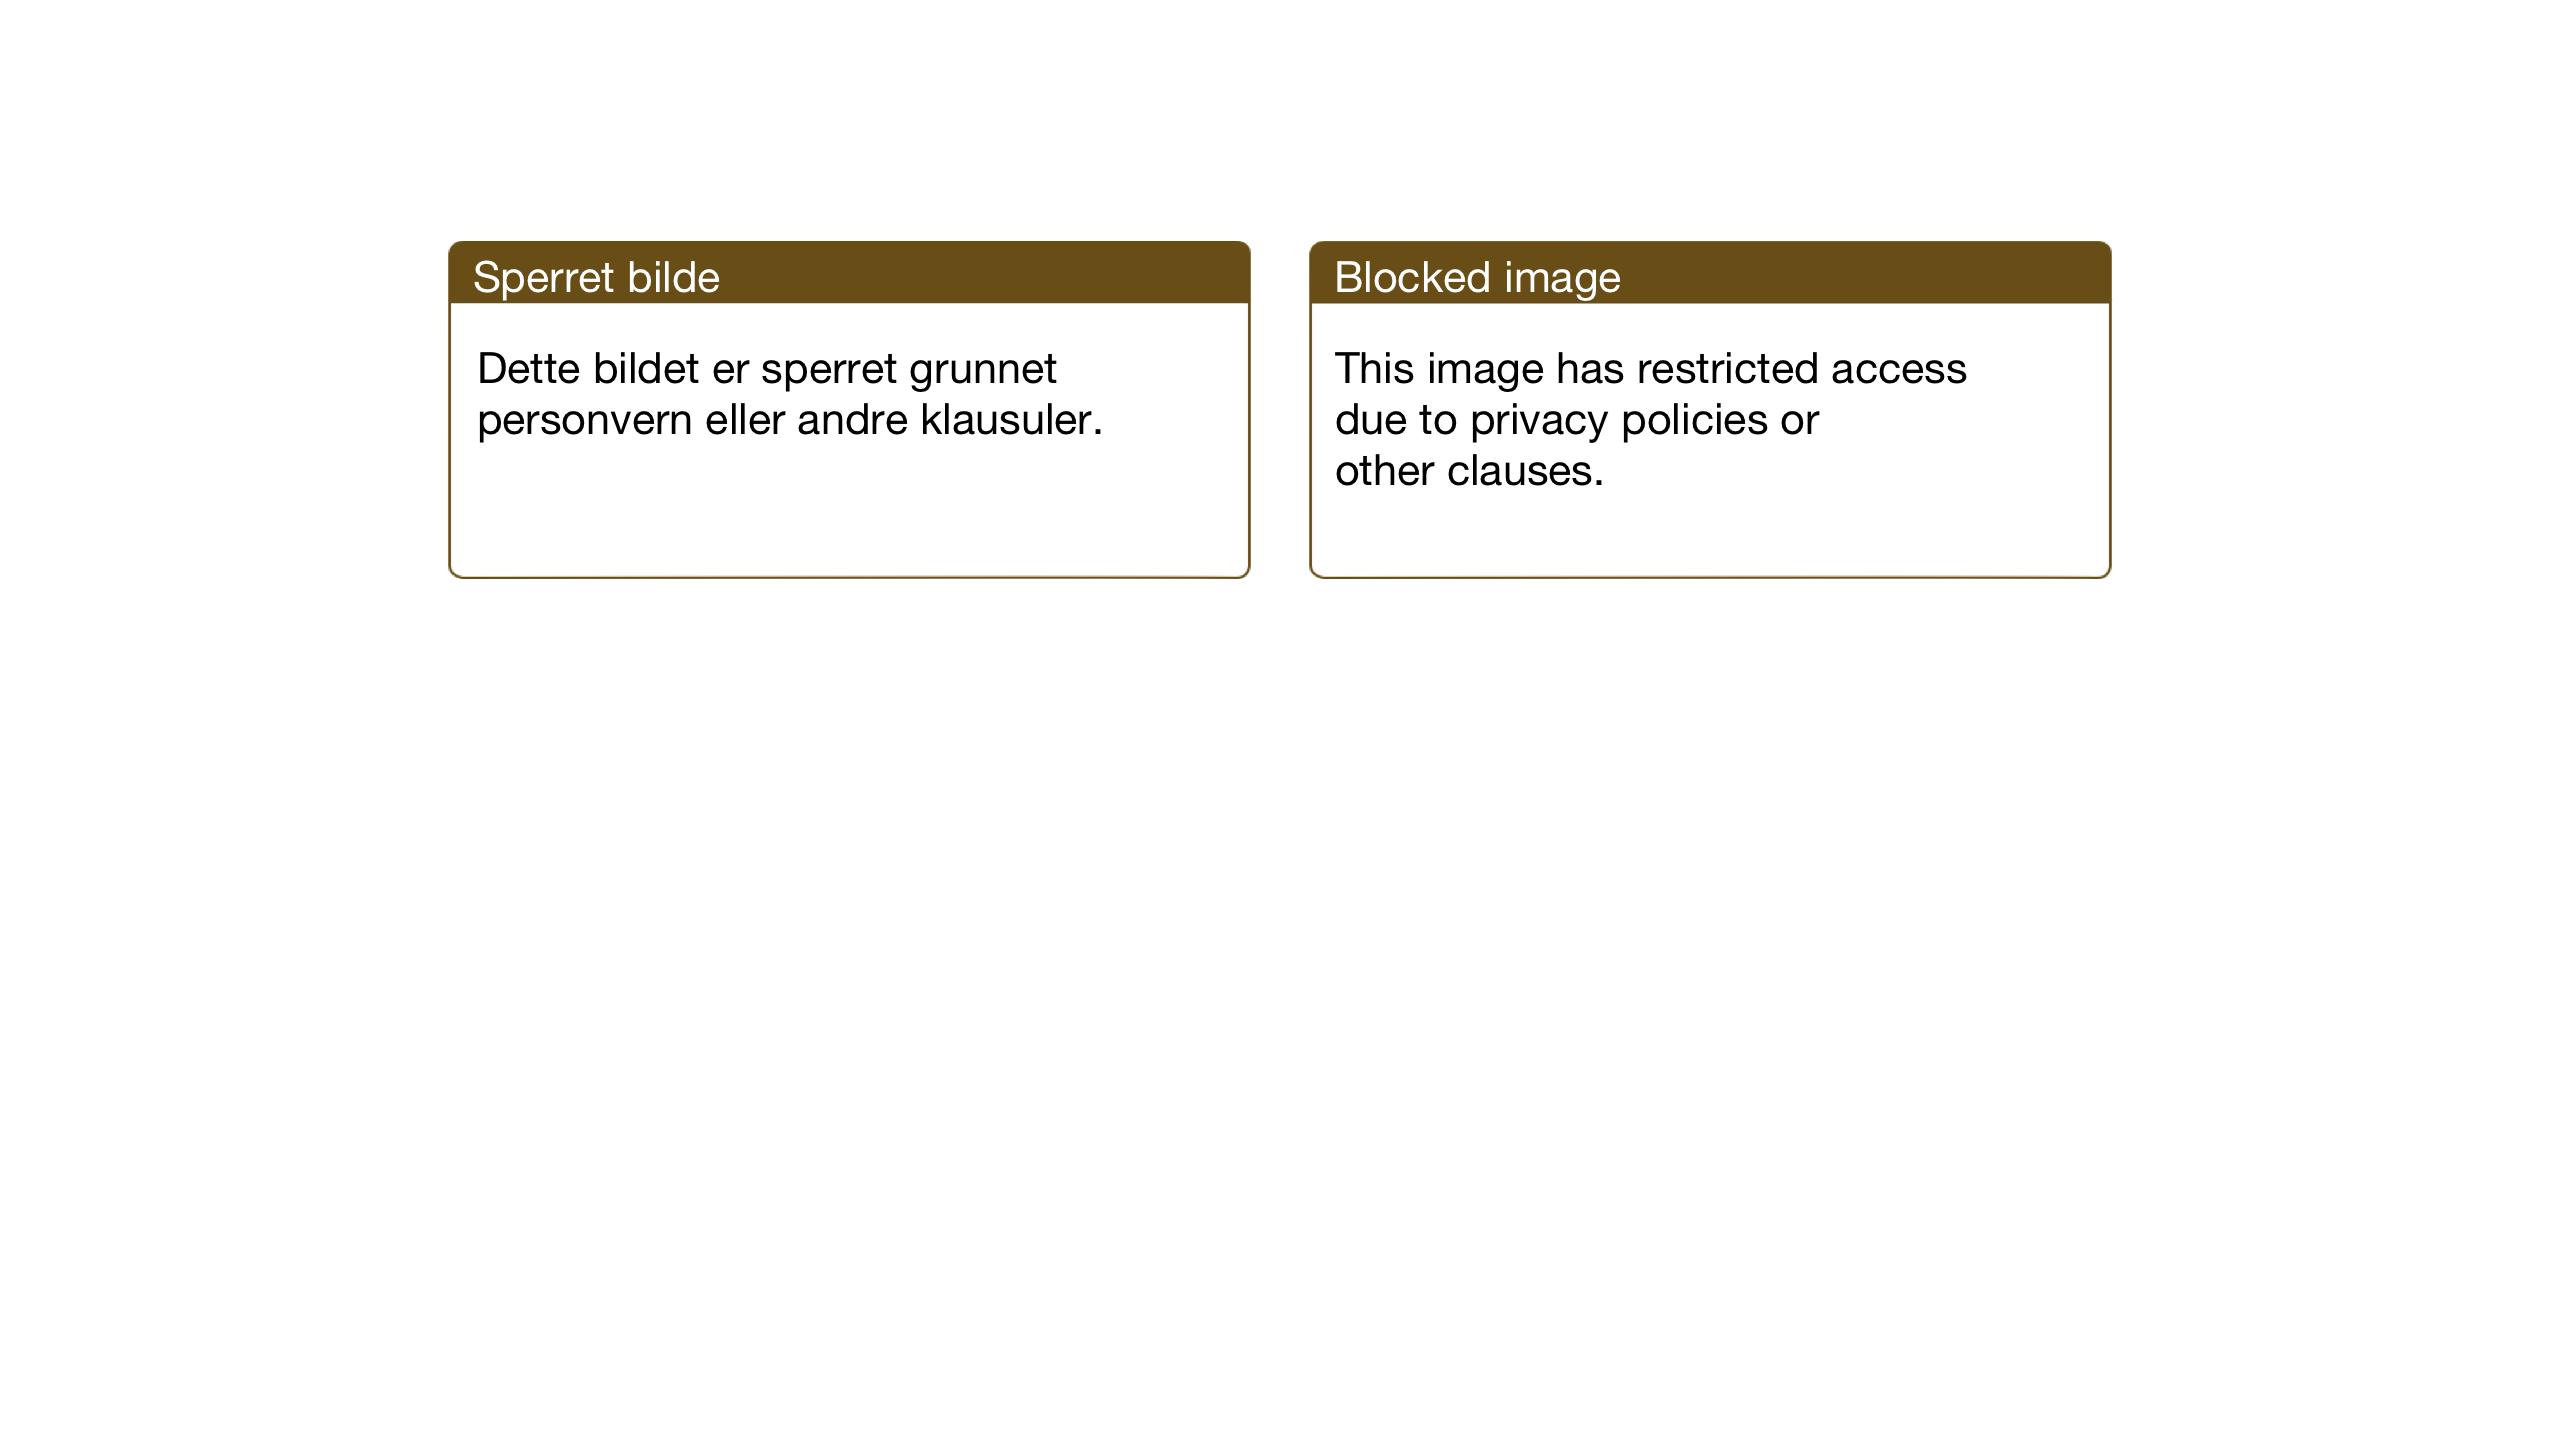 SAT, Ministerialprotokoller, klokkerbøker og fødselsregistre - Sør-Trøndelag, 681/L0944: Klokkerbok nr. 681C08, 1926-1954, s. 85